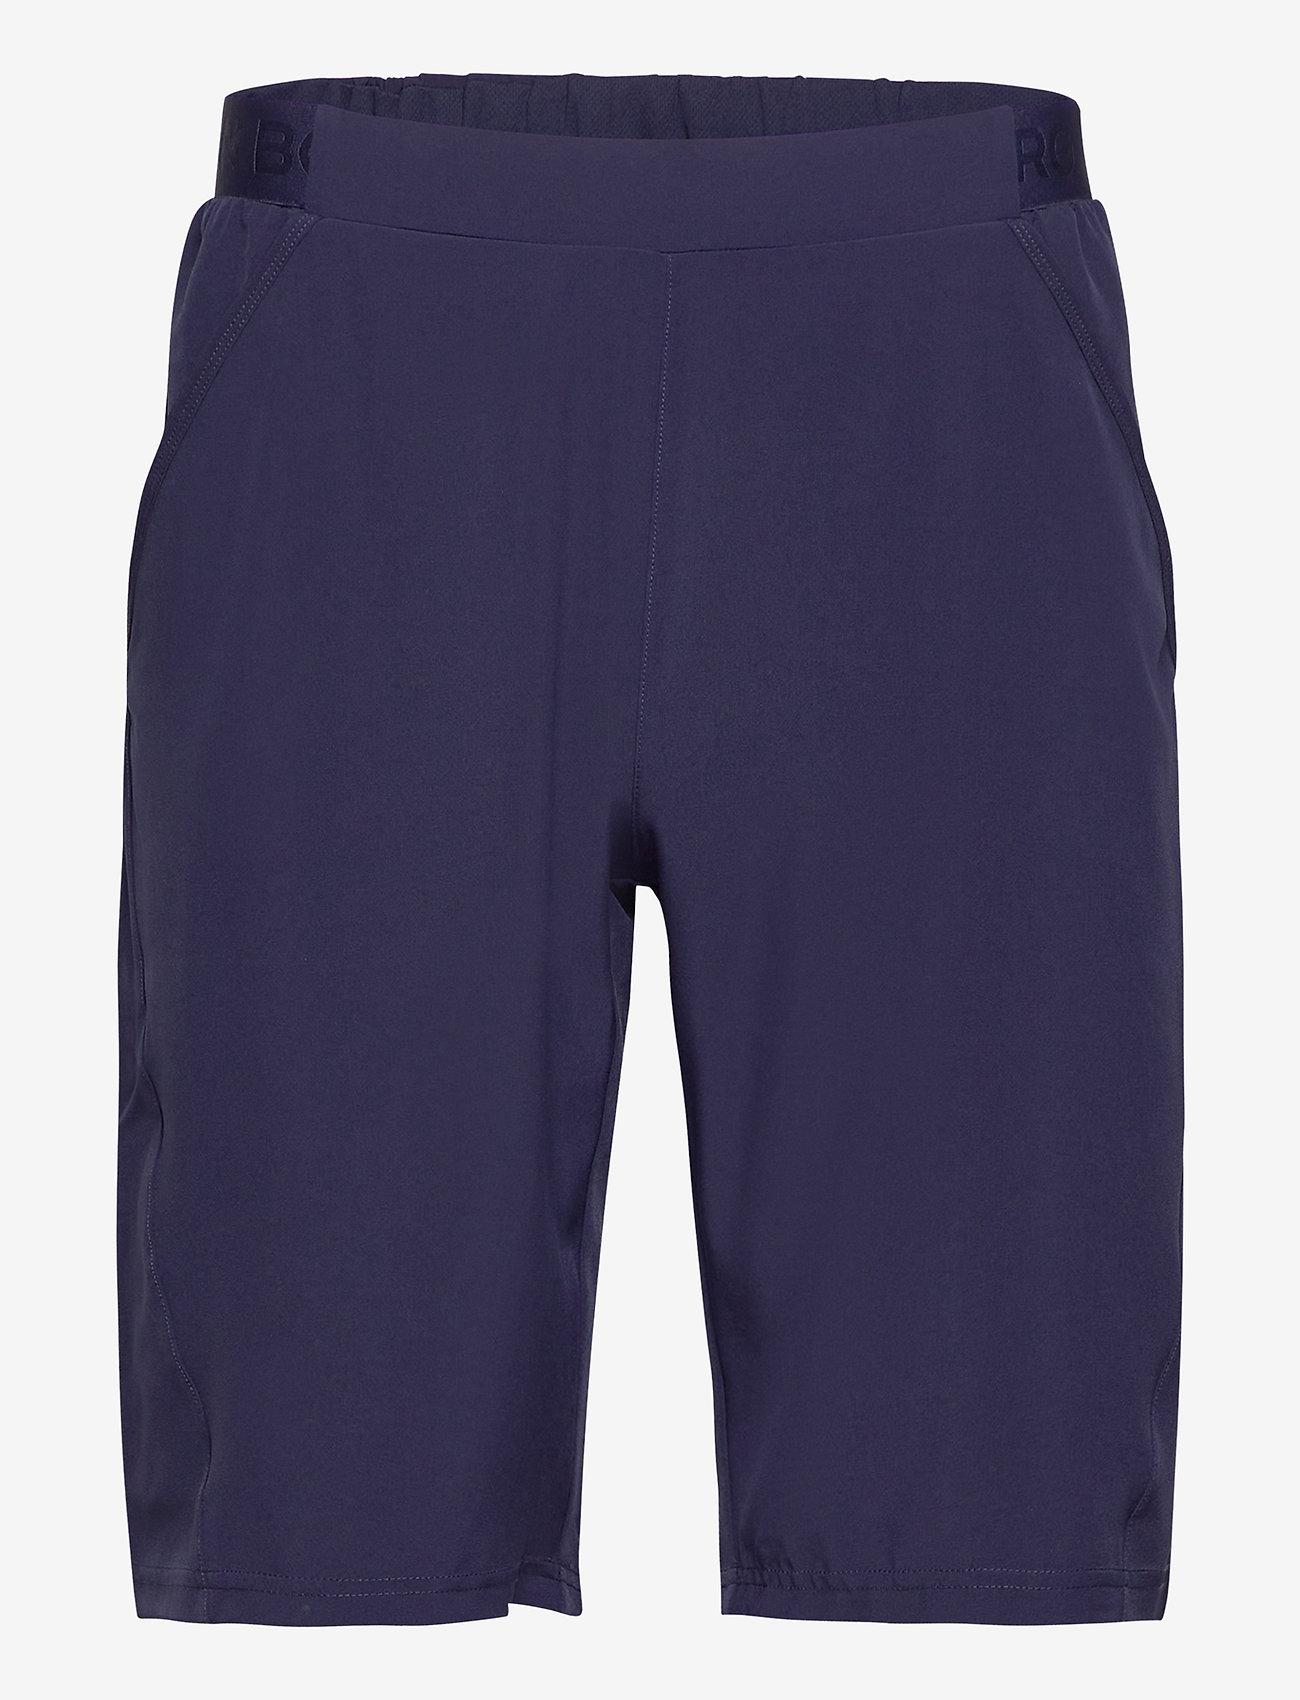 Björn Borg - SHORTS TARIK TARIK - casual shorts - peacoat - 0